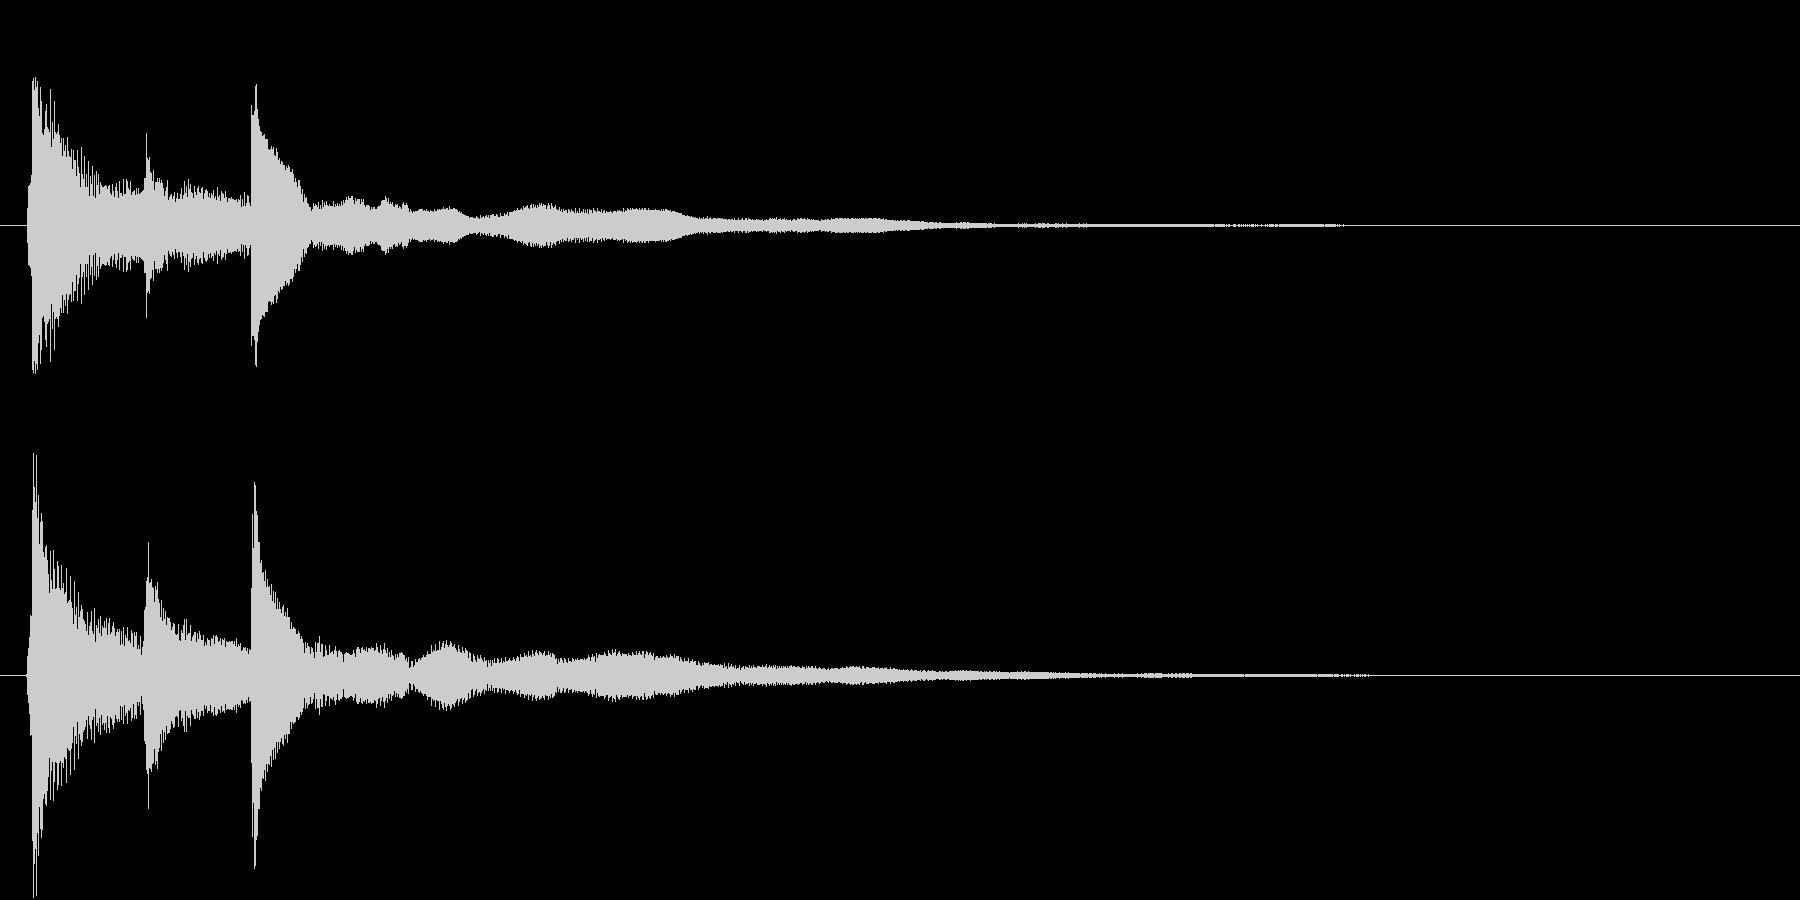 シンプルなピアノジングル01(ショート)の未再生の波形